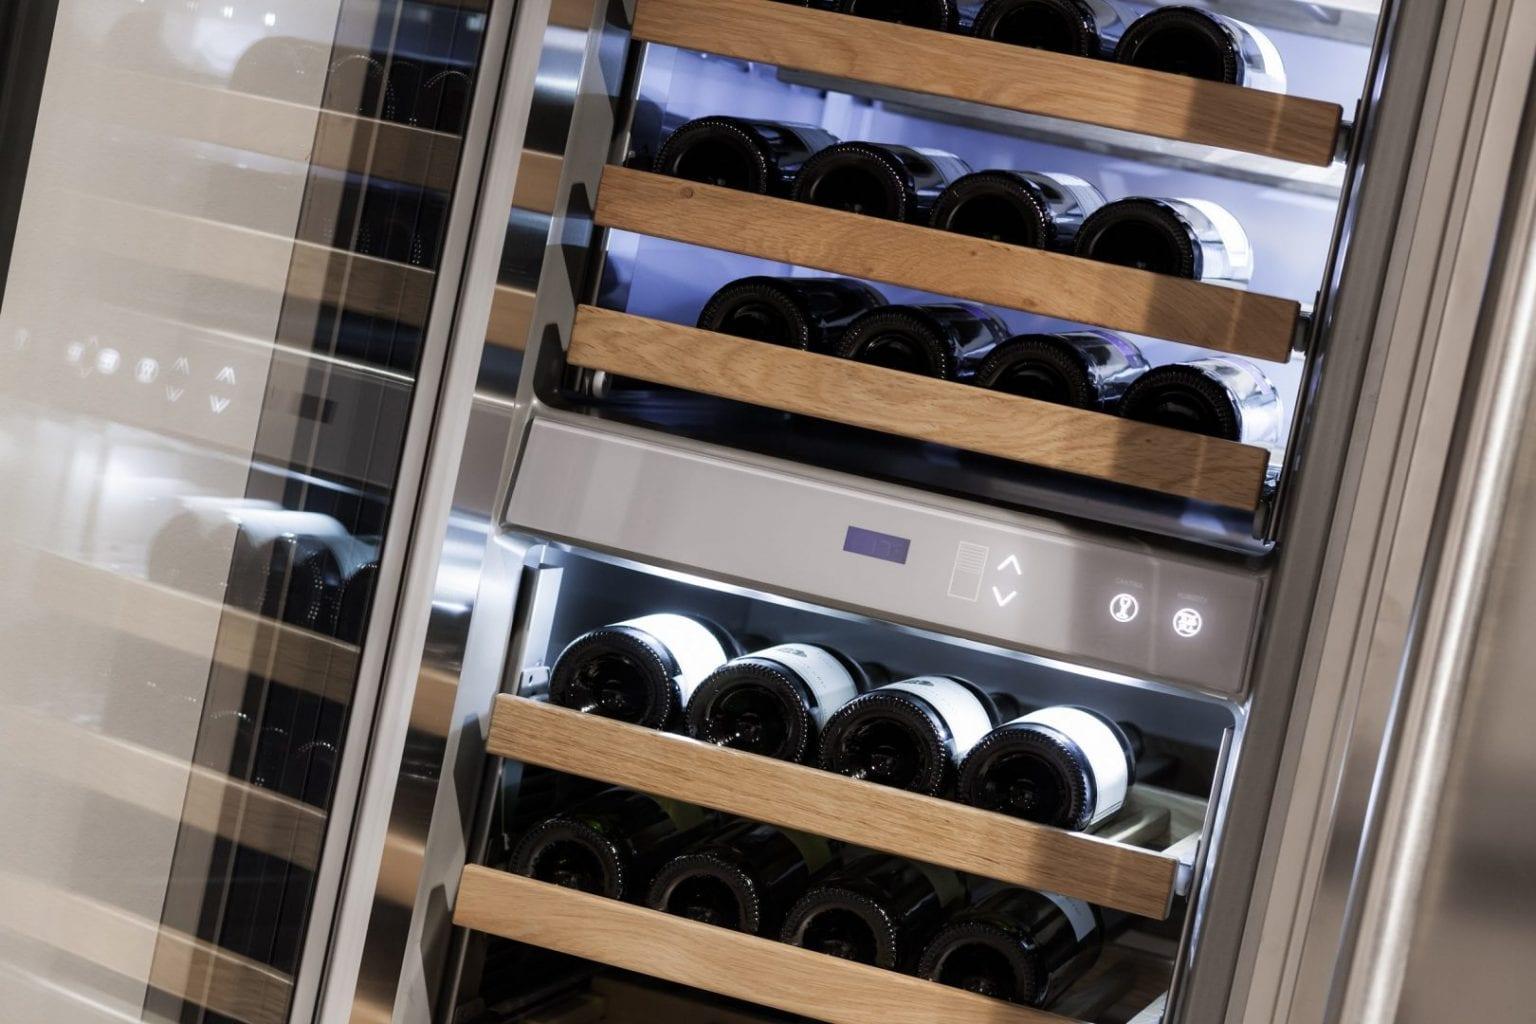 De voordelen van een wijnklimaatkast op een rijtje